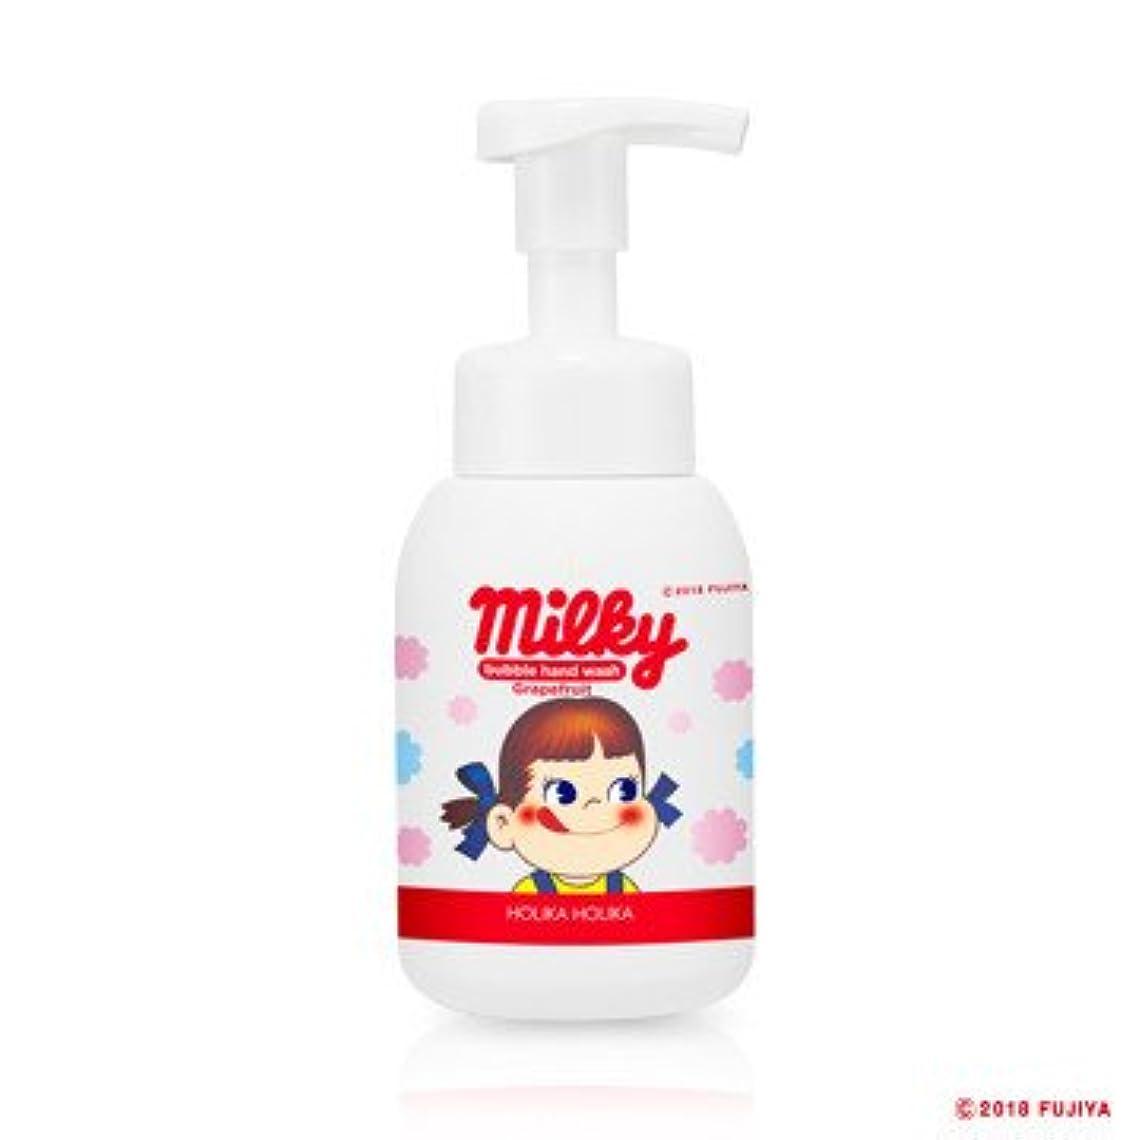 ラフ地中海精通したHolika Holika [Sweet Peko Edition] Bubble Hand Wash/ホリカホリカ [スイートペコエディション] バブルハンドウォッシュ 250ml [並行輸入品]